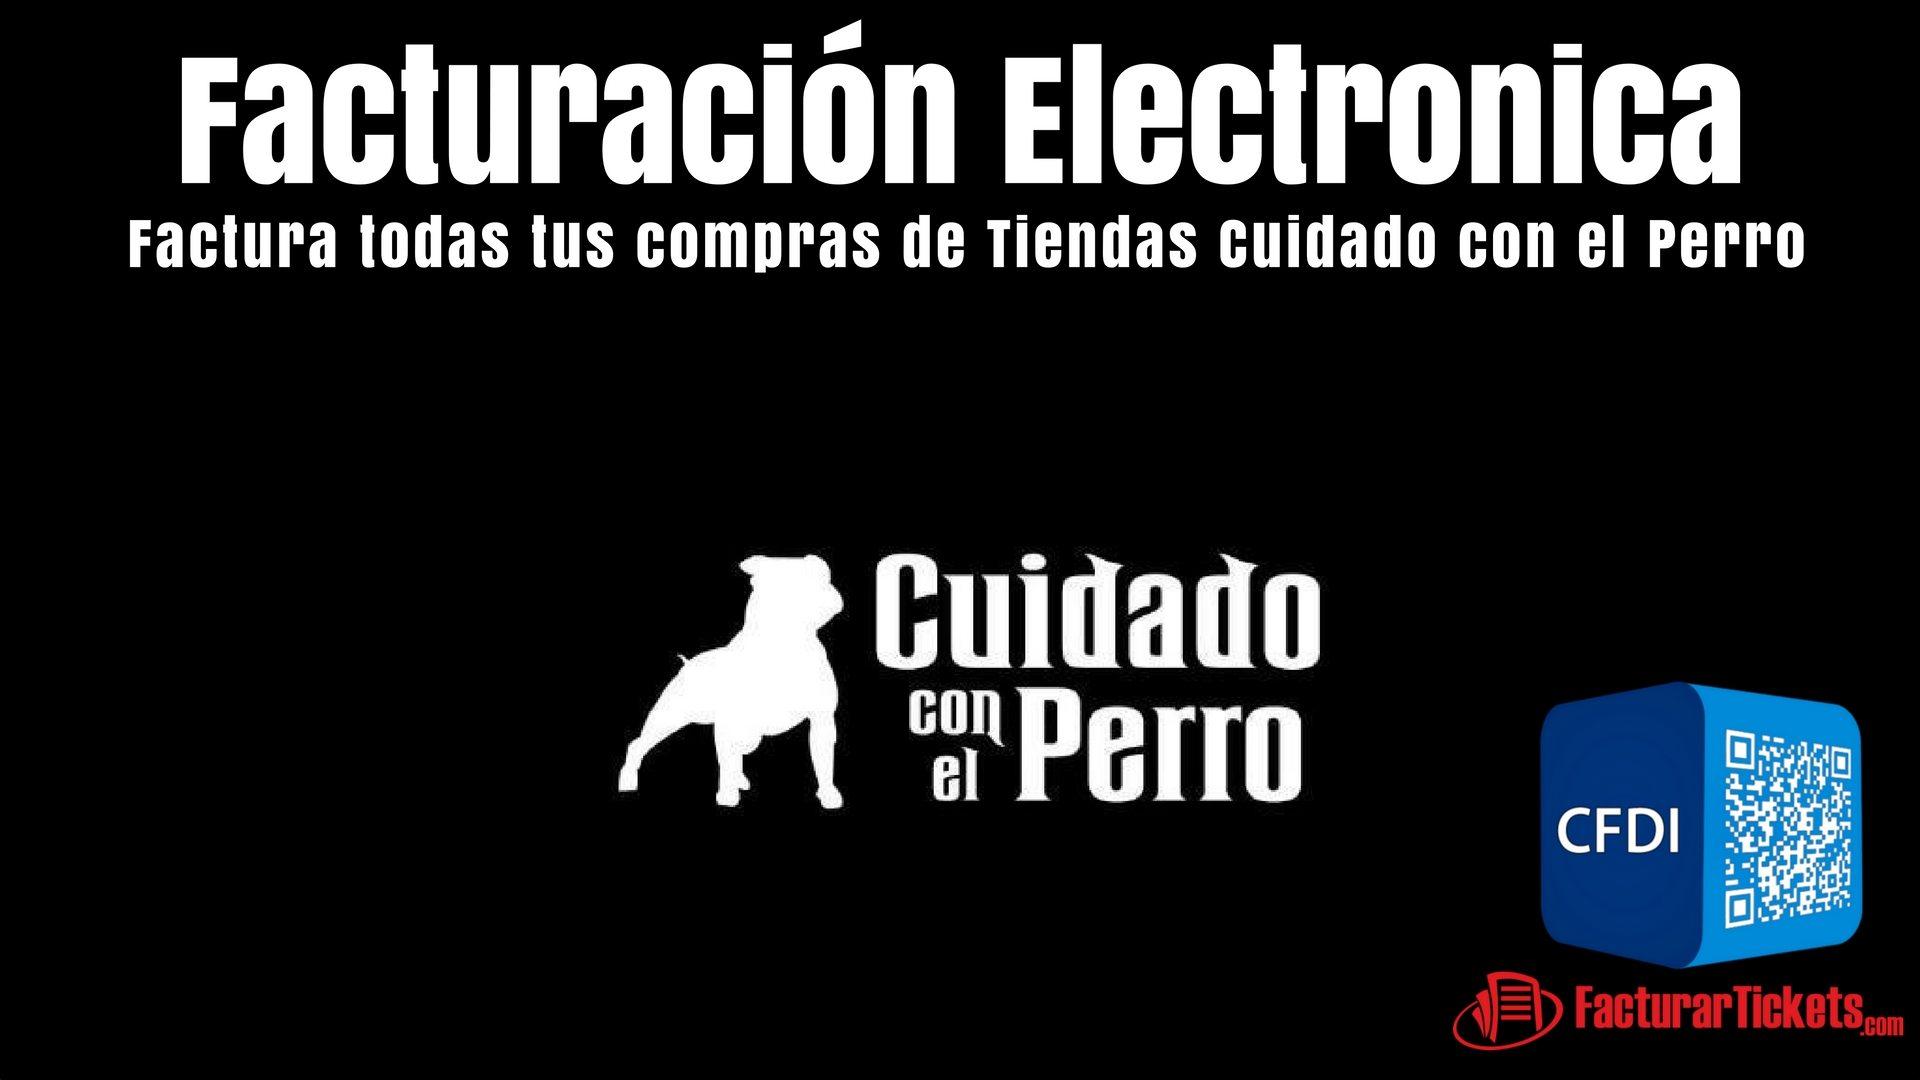 Facturacion Electronica Cuidado con el Perro